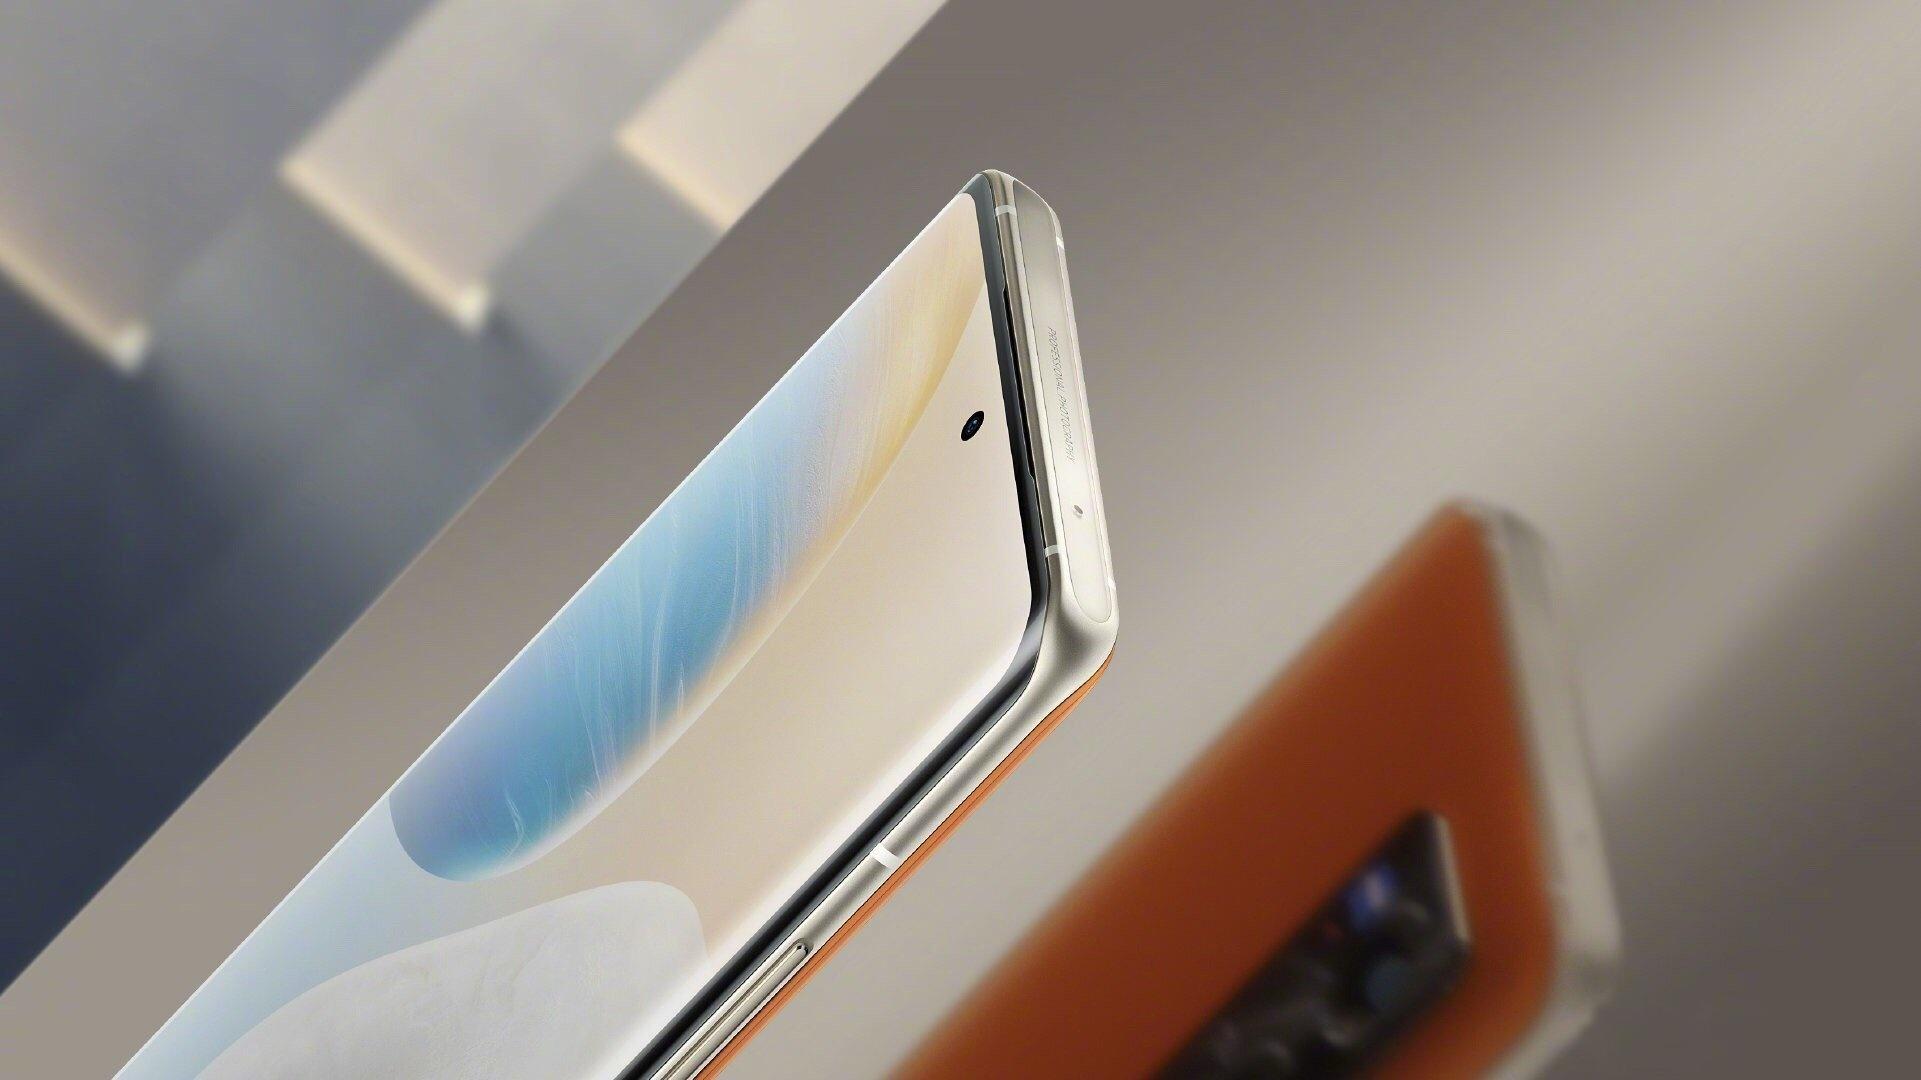 Nuevo Vivo X60 Pro+: el Xiaomi Mi 11 comienza a tener competencia. noticias Xiaomi Adictos